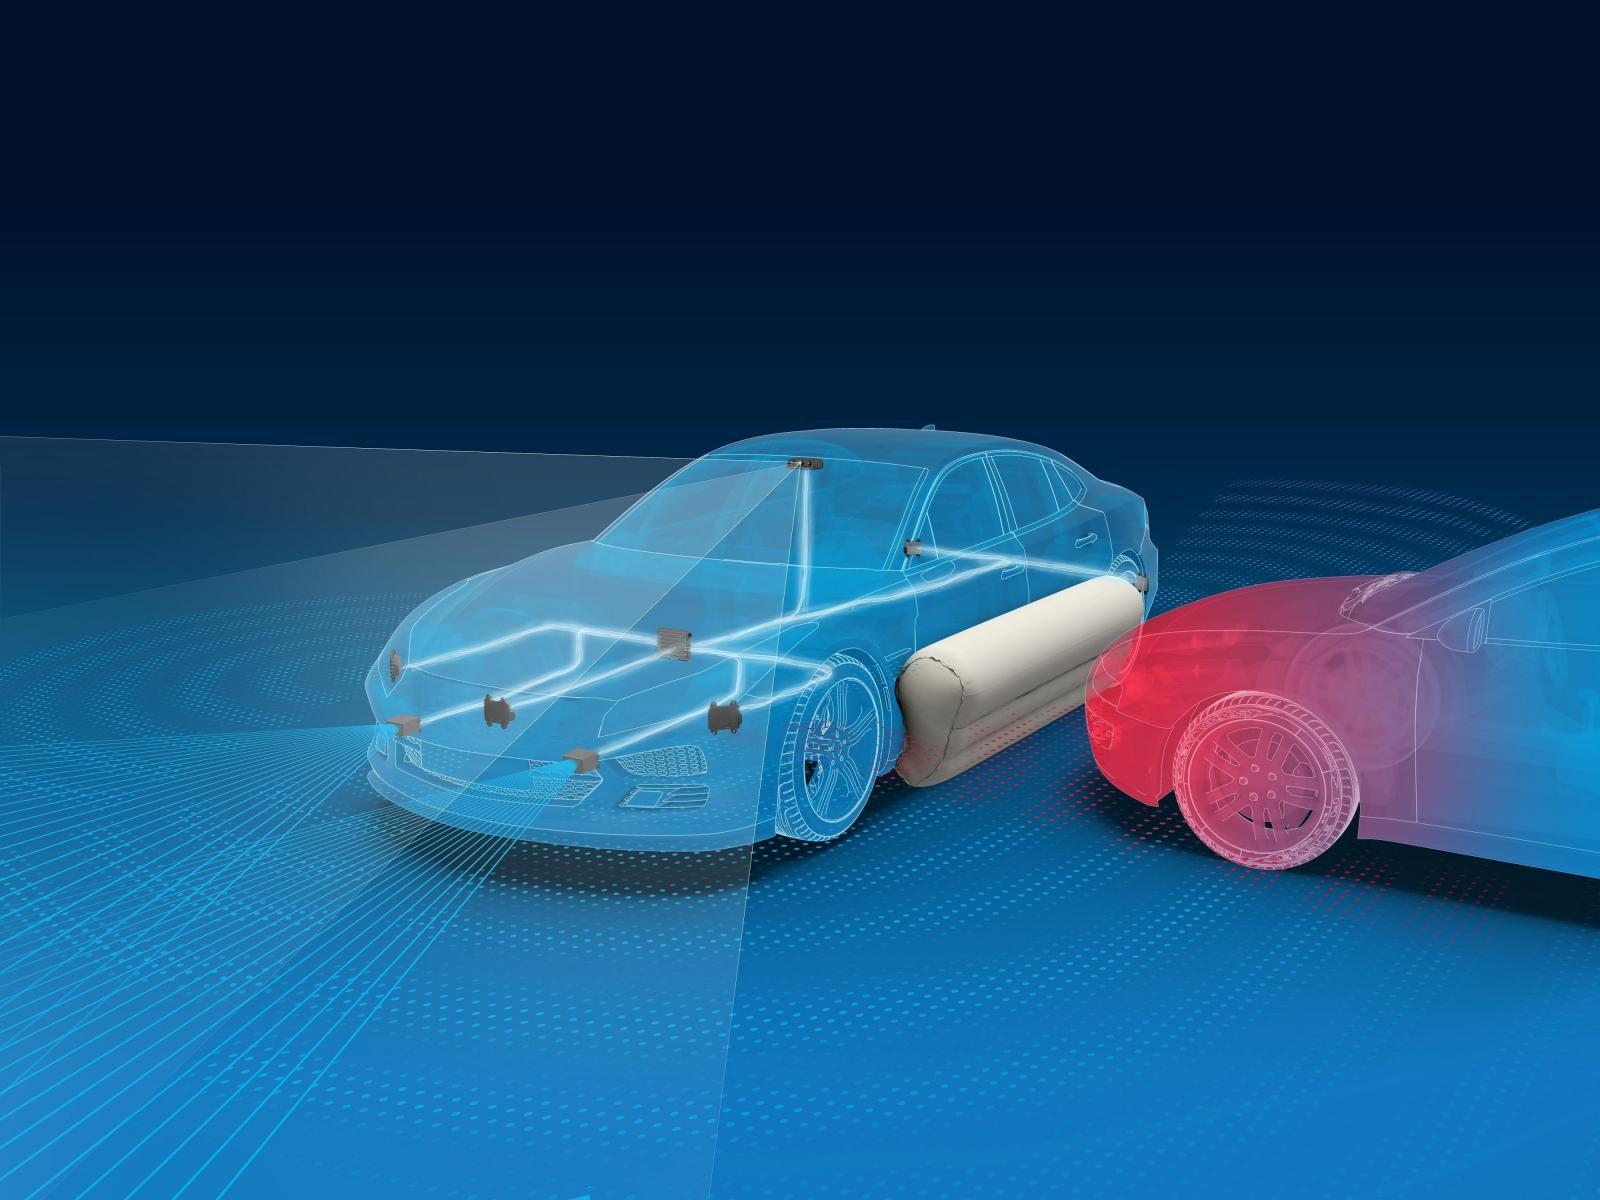 Hệ thống túi khí ngoại thất sẽ hoạt động cùng với một bộ hệ thống cảm biến tân tiến